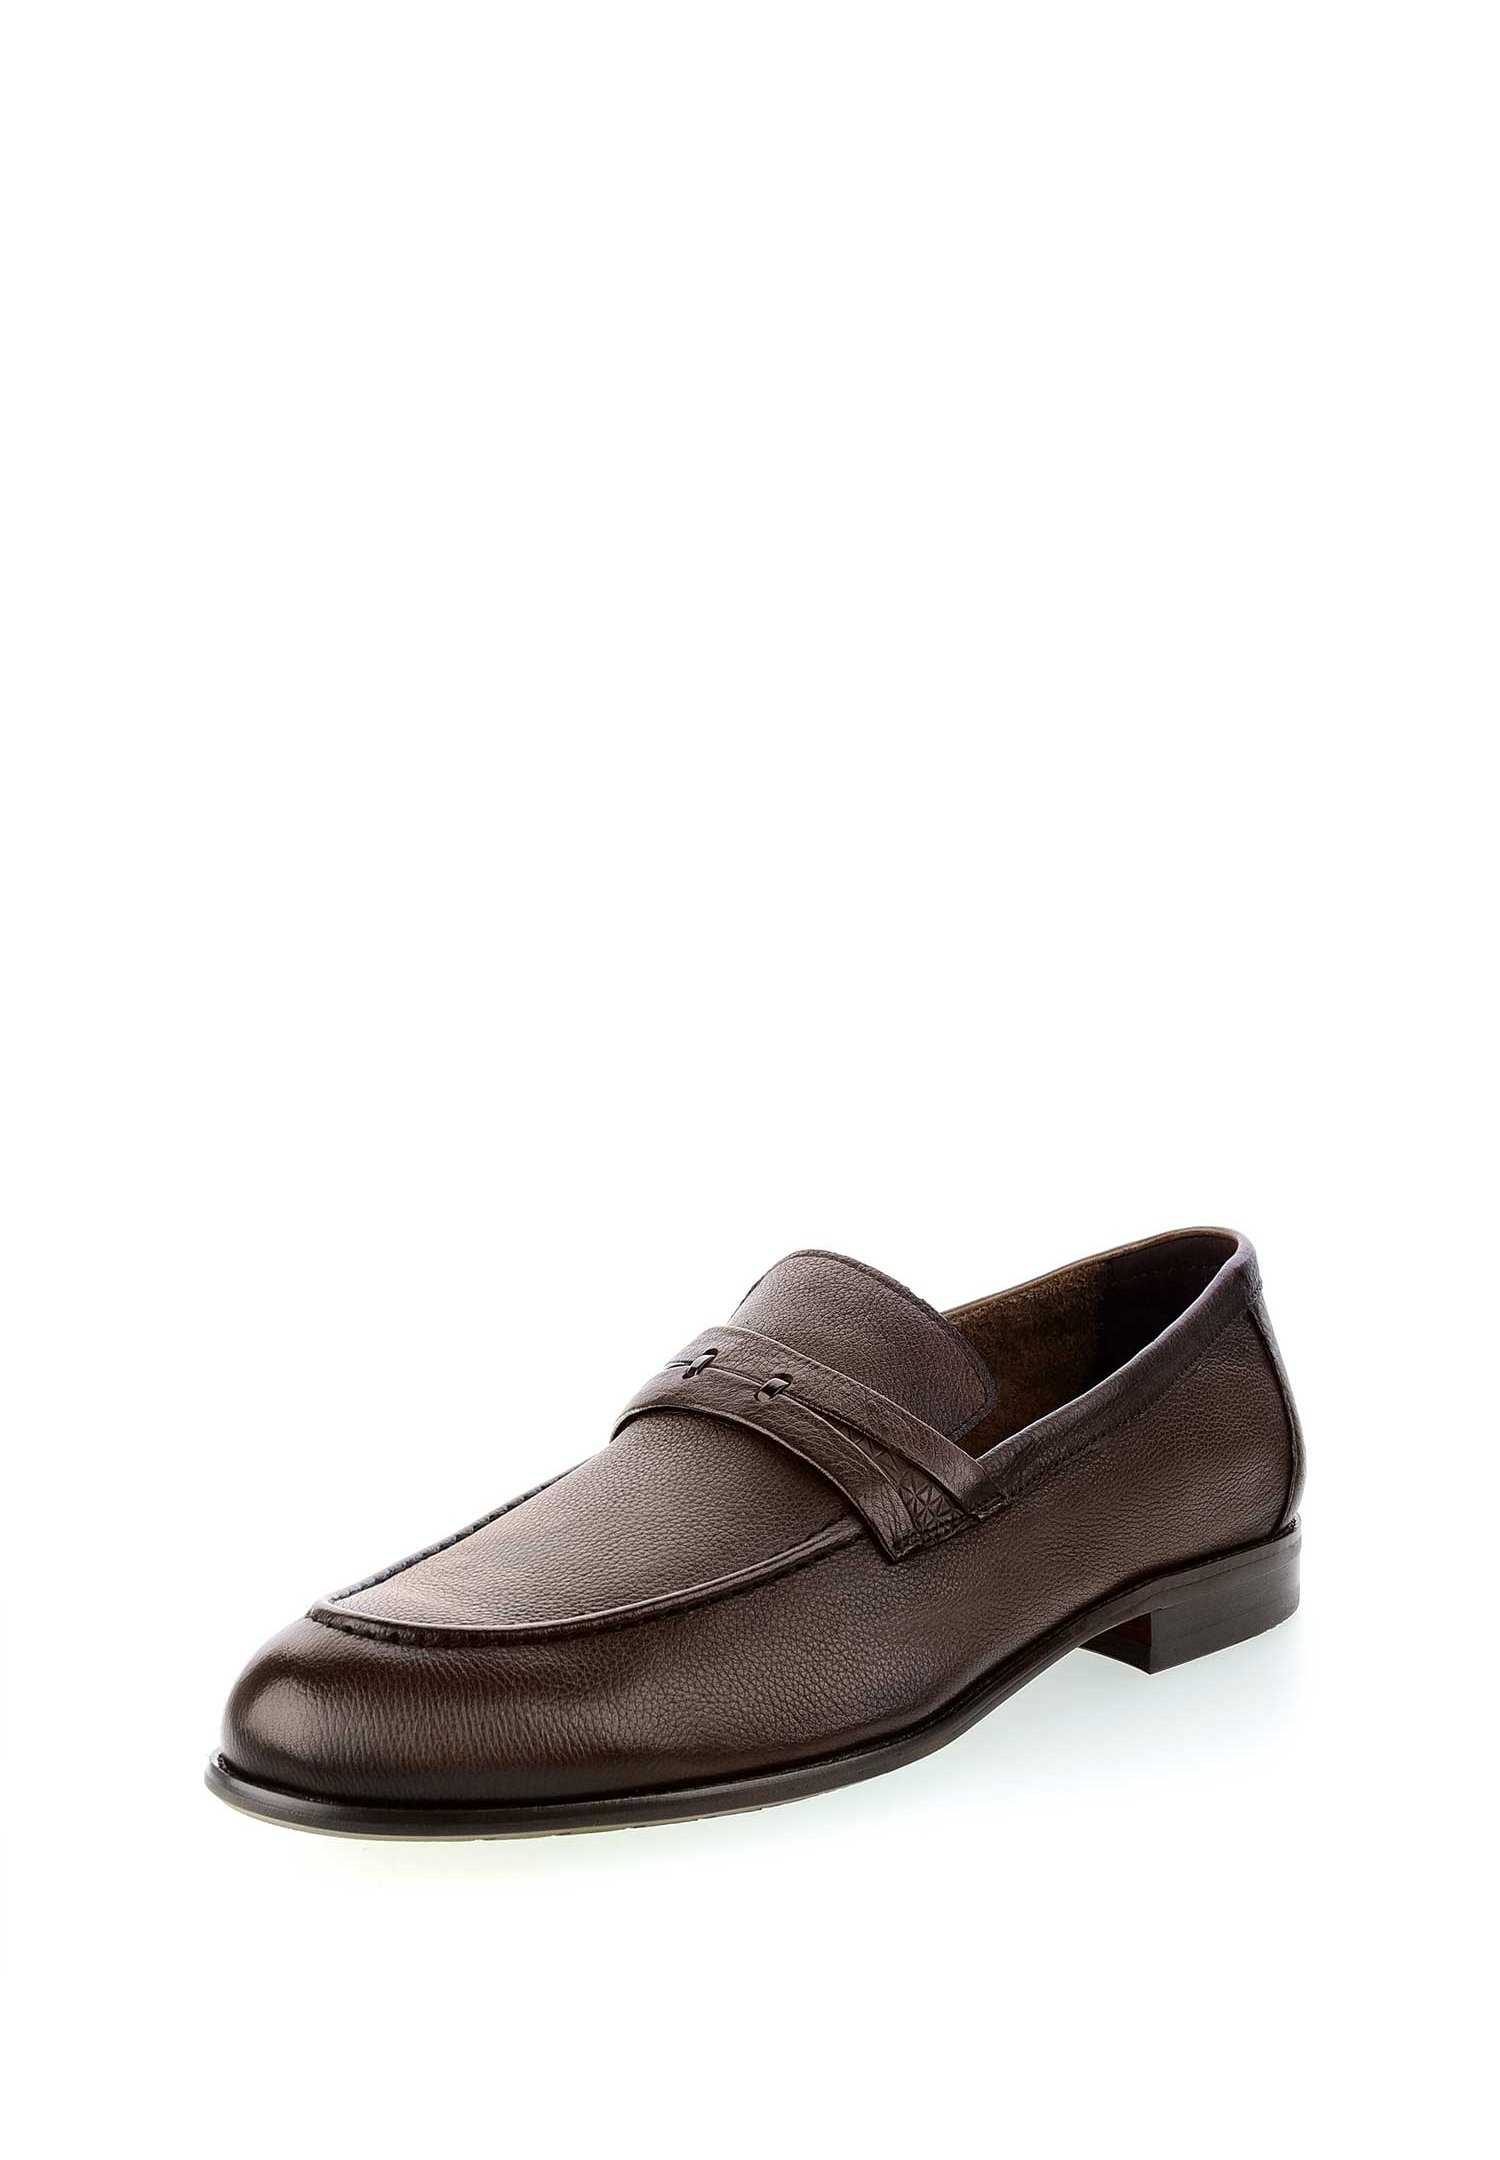 PRIMA MODA PAOLINI - Slip-ins - brown/brun - Herrskor OdxL6